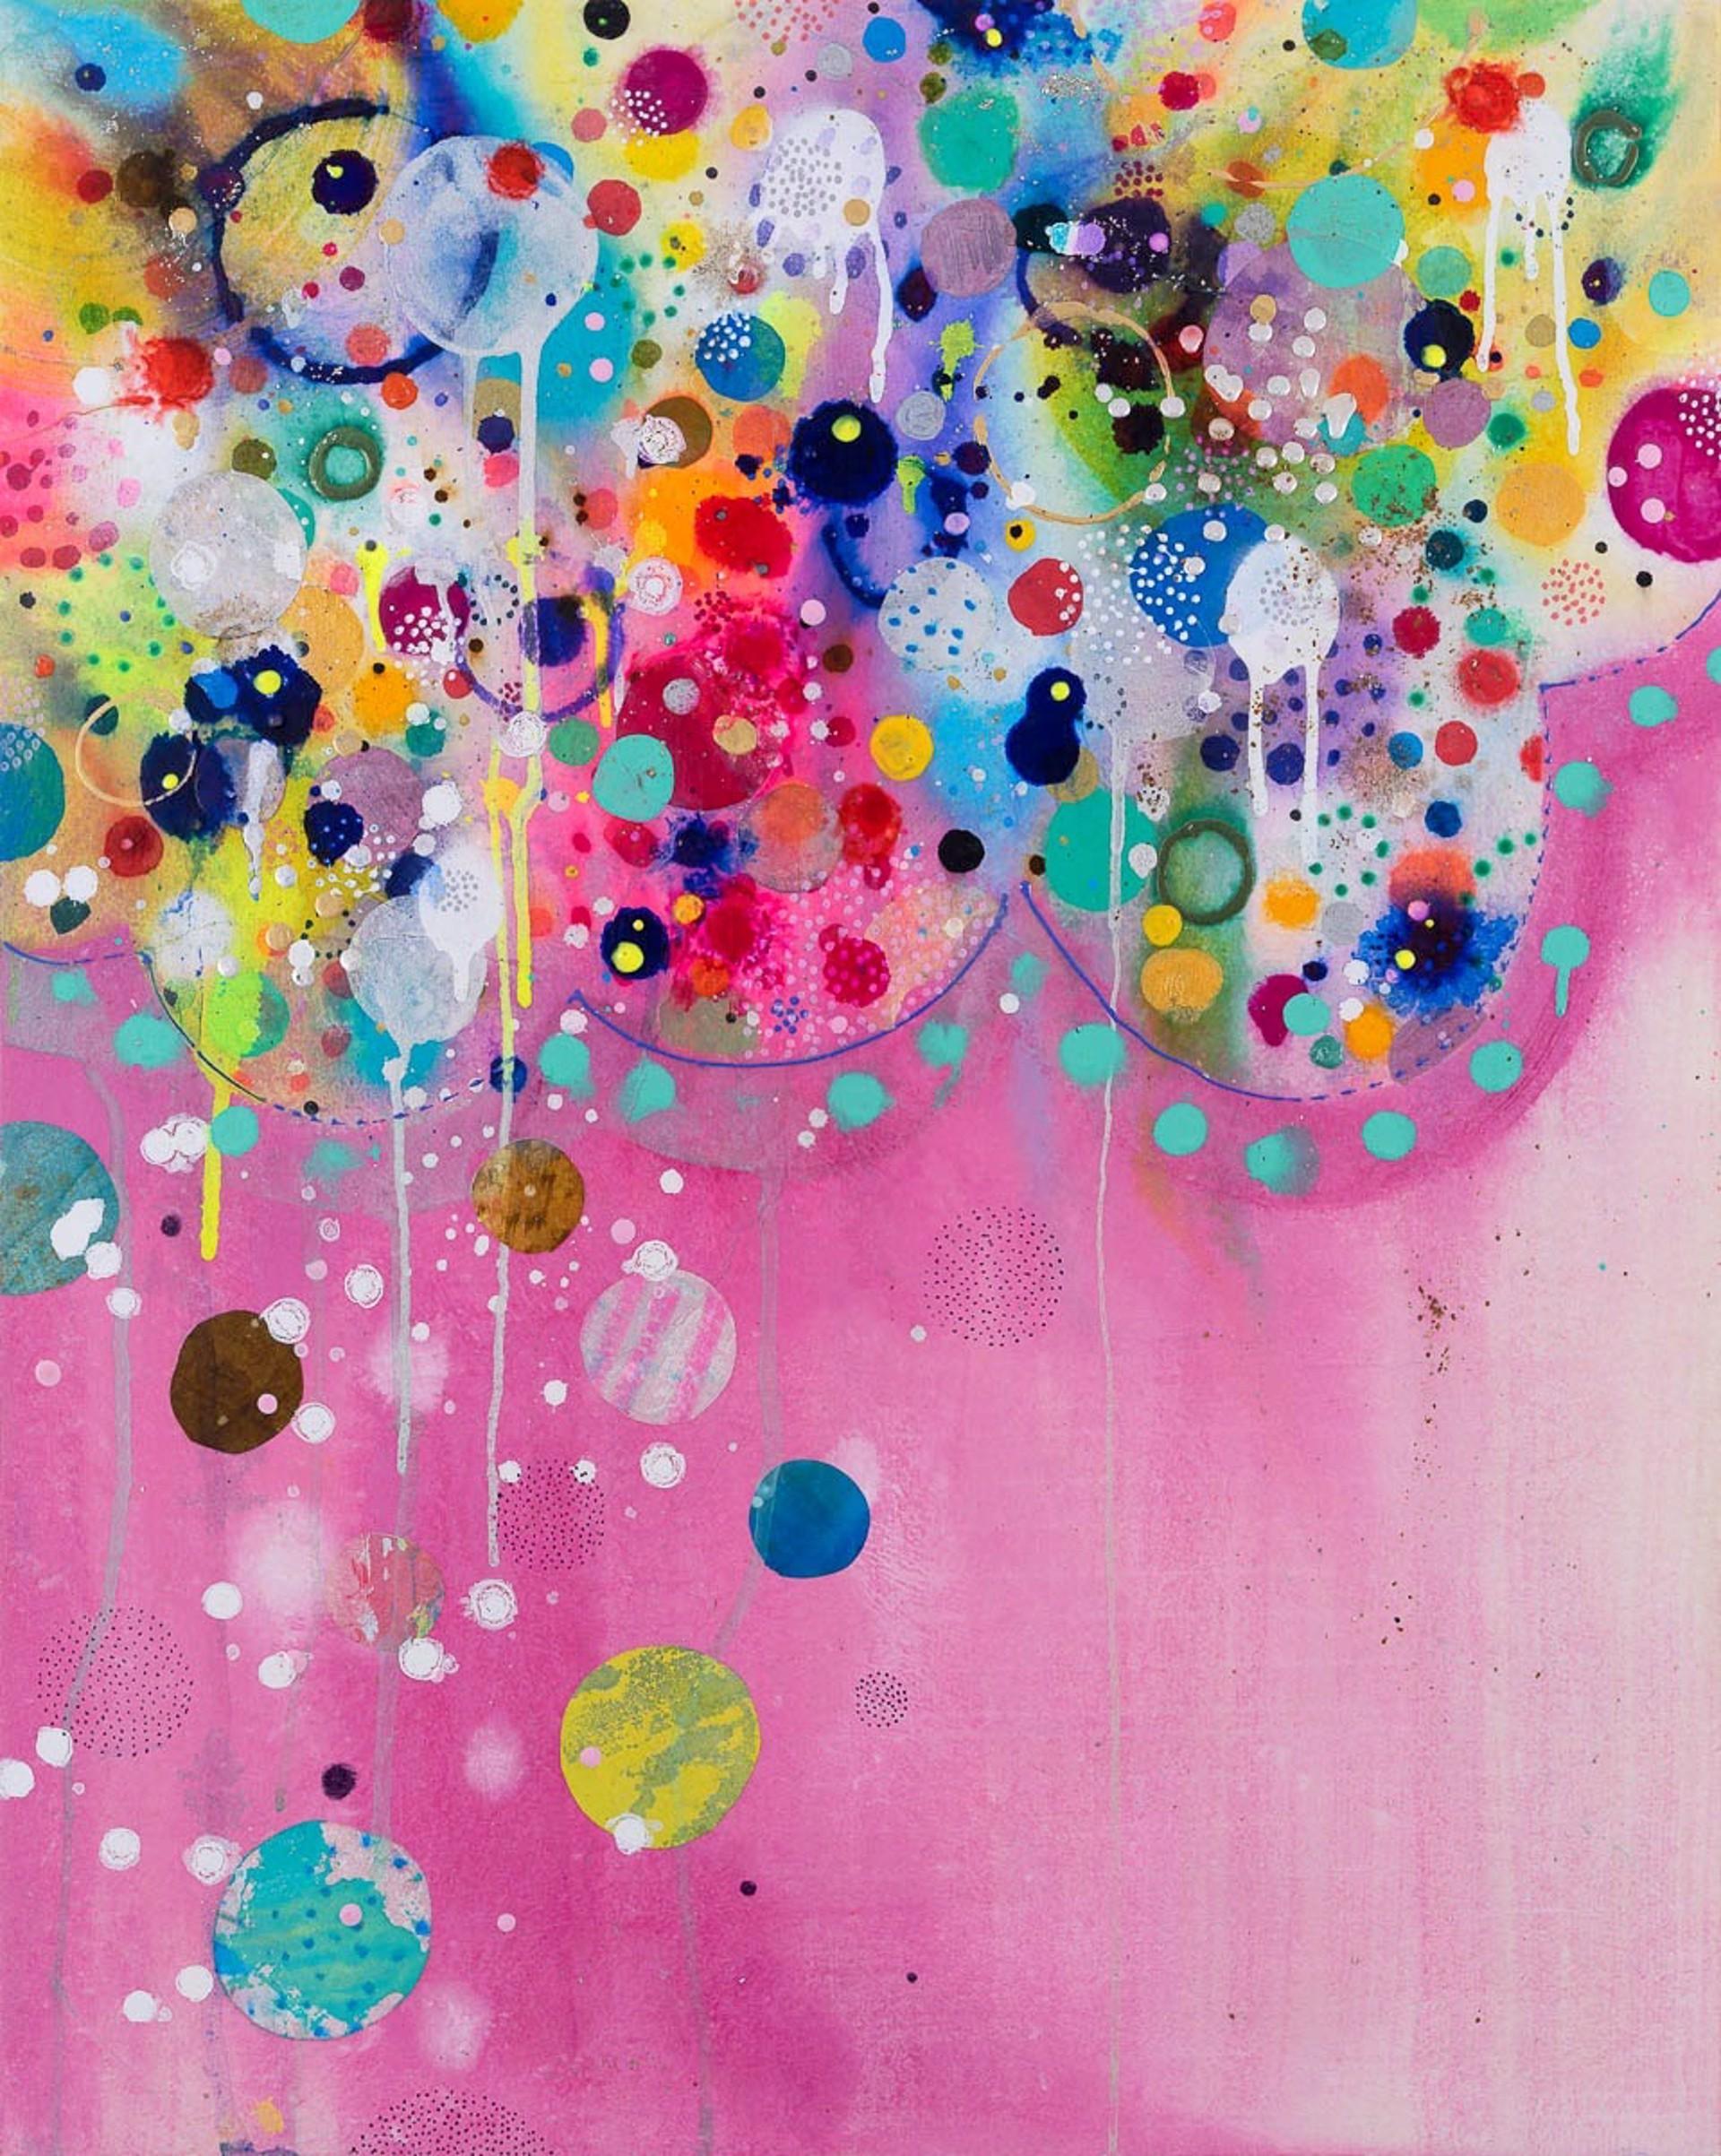 Pink Out by Liz Tran